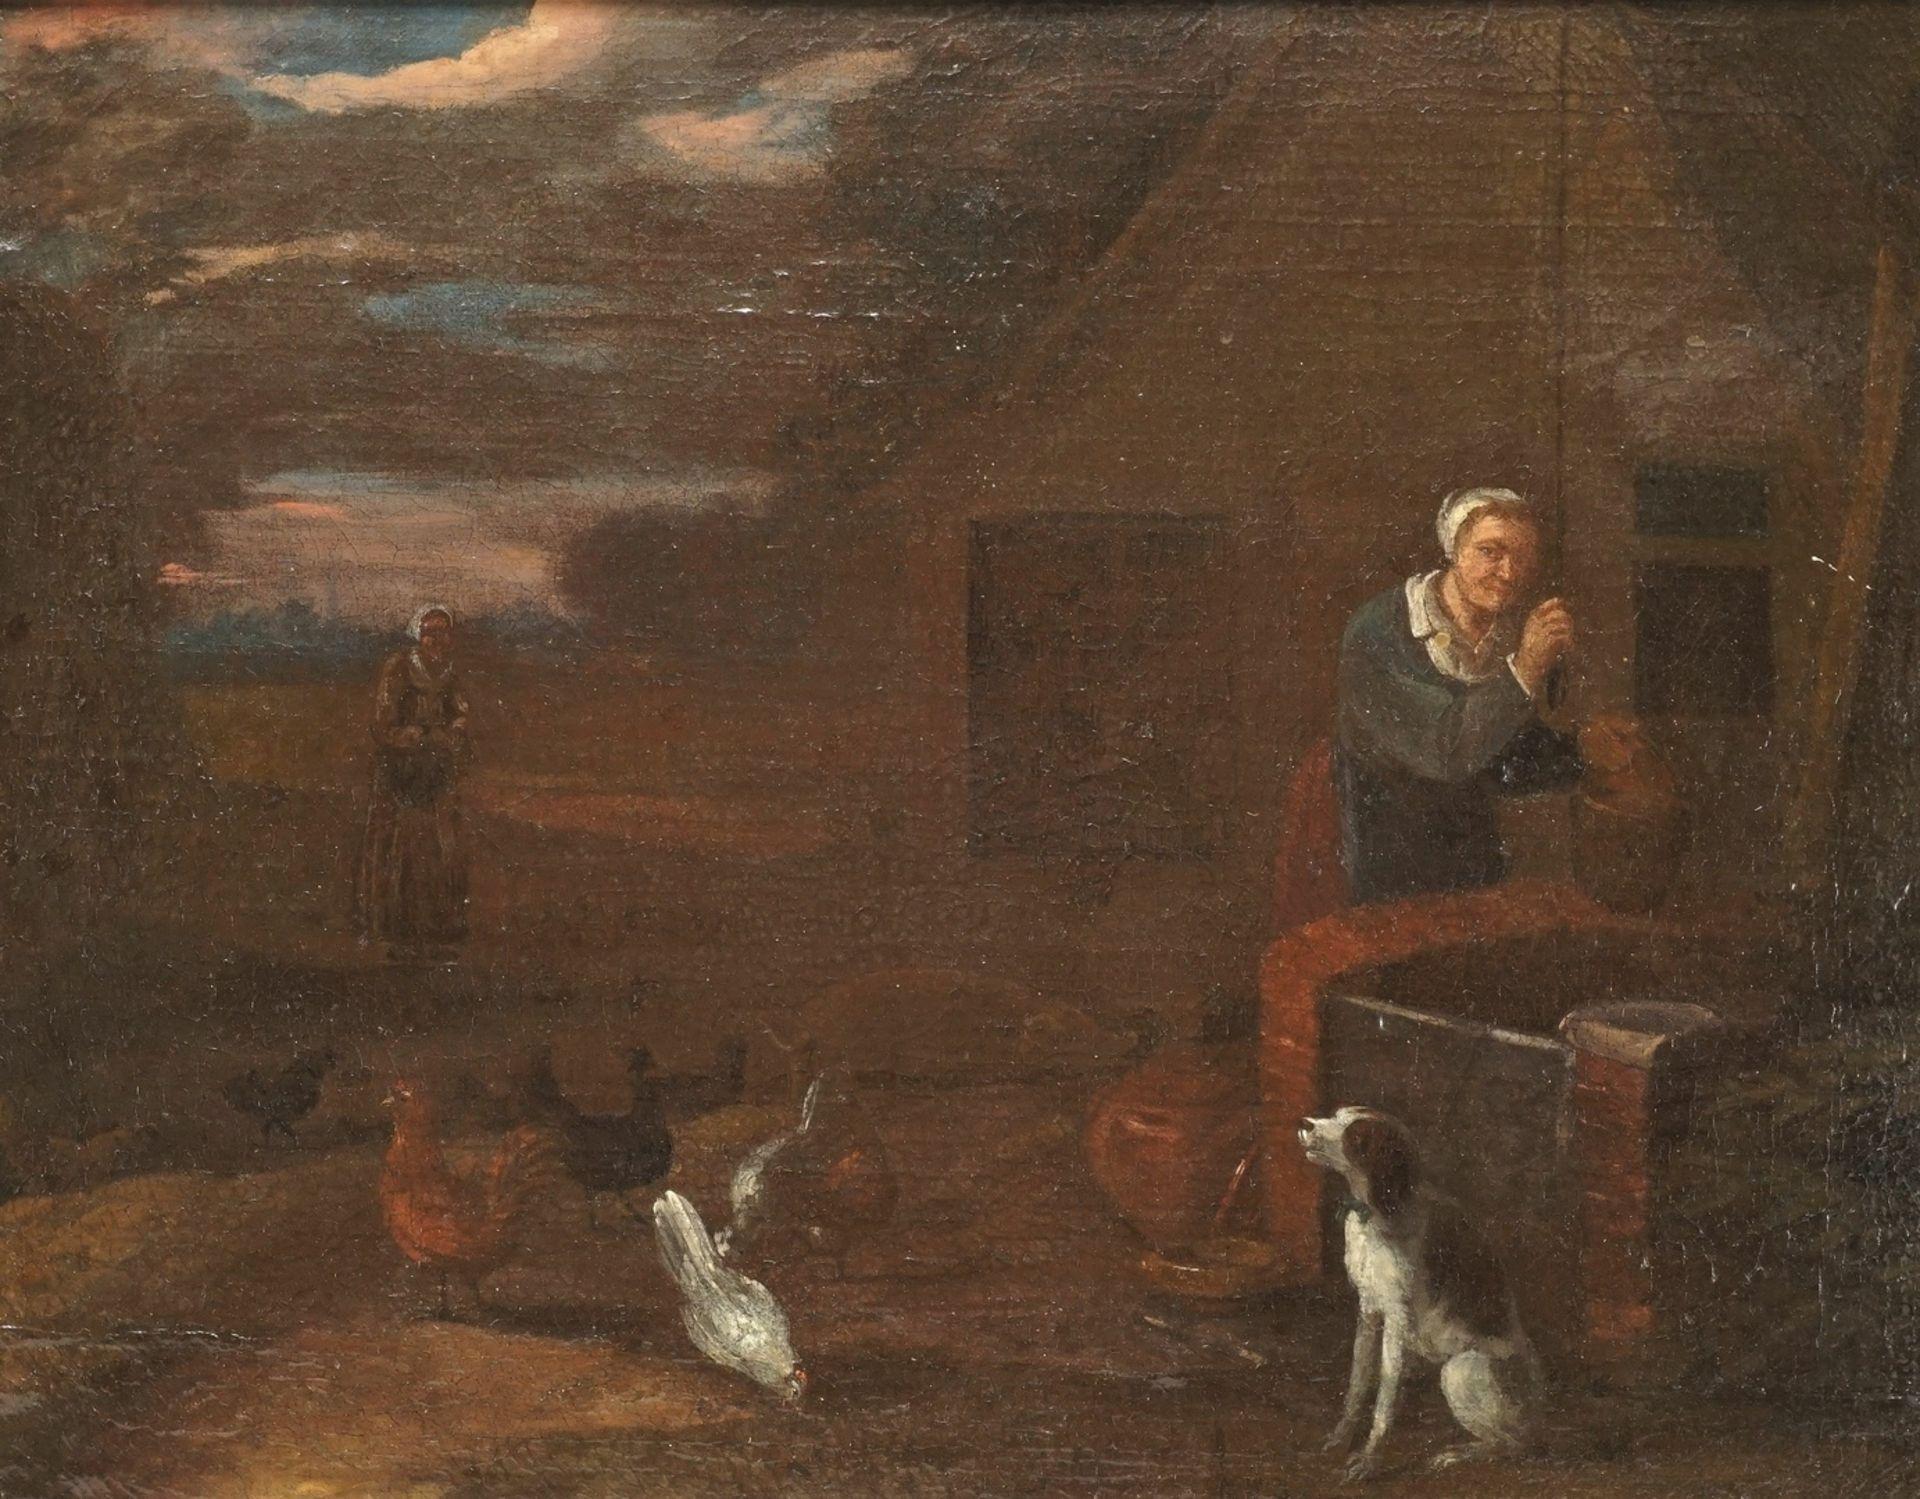 """Egbert Lievensz. van der Poel, """"Mit Hund und Hühnern am Brunnen"""" - Bild 2 aus 4"""